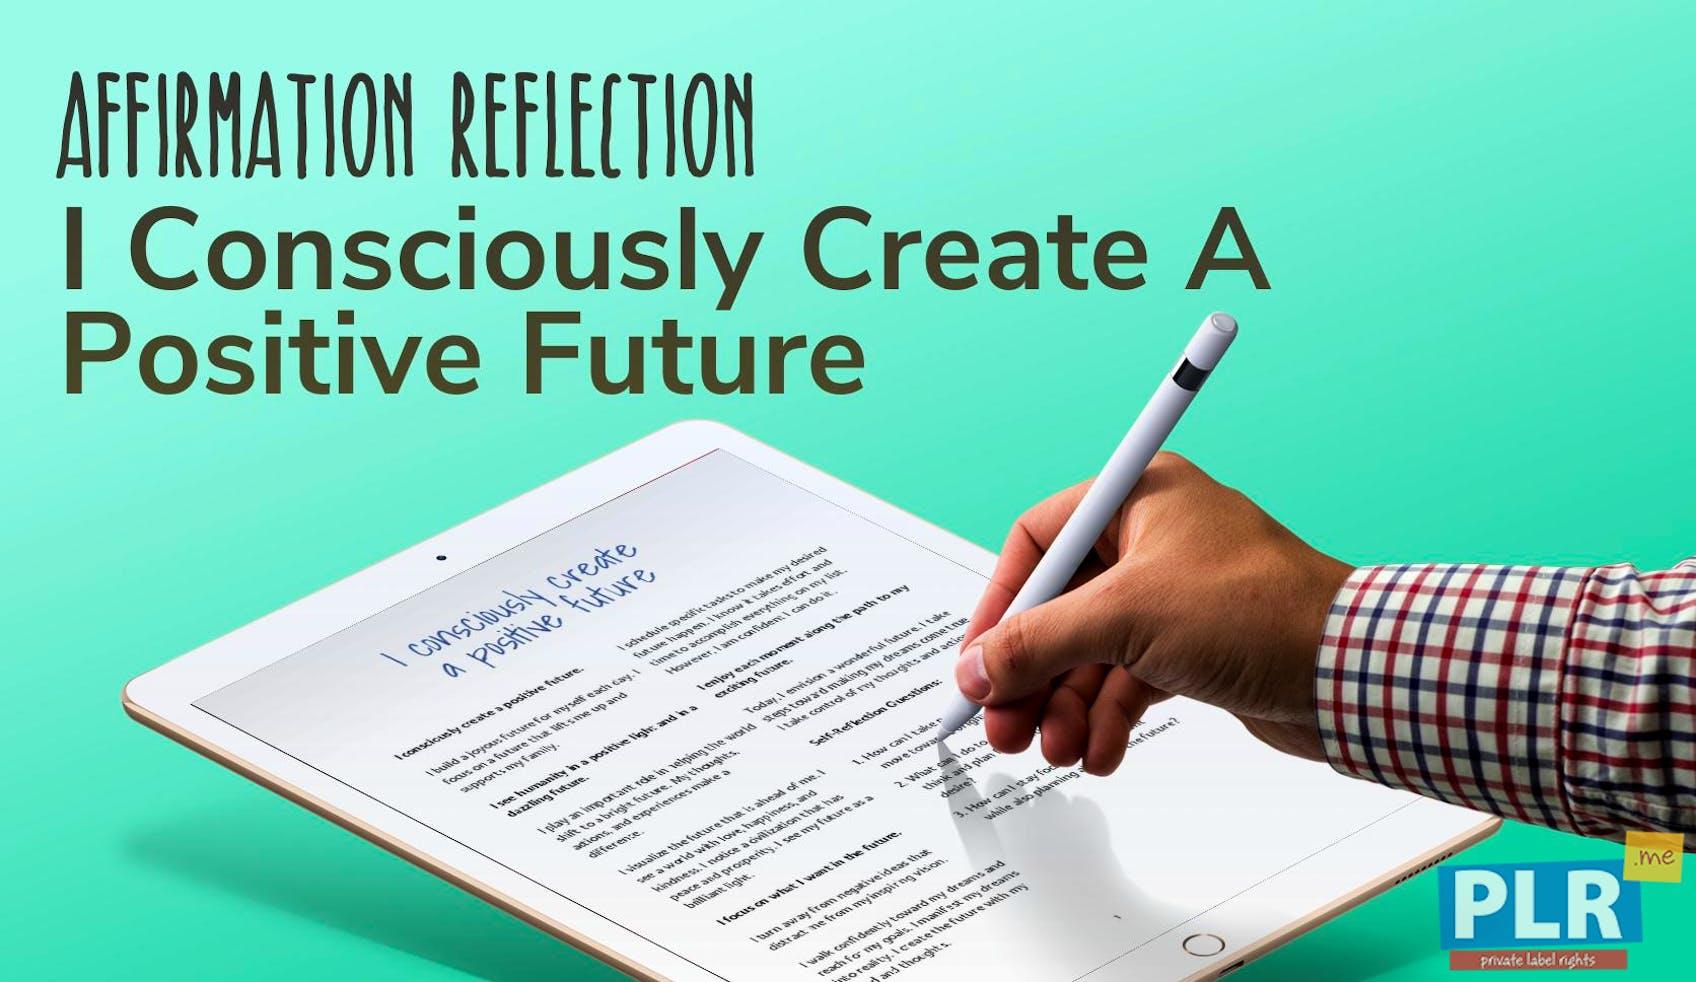 I Consciously Create A Positive Future